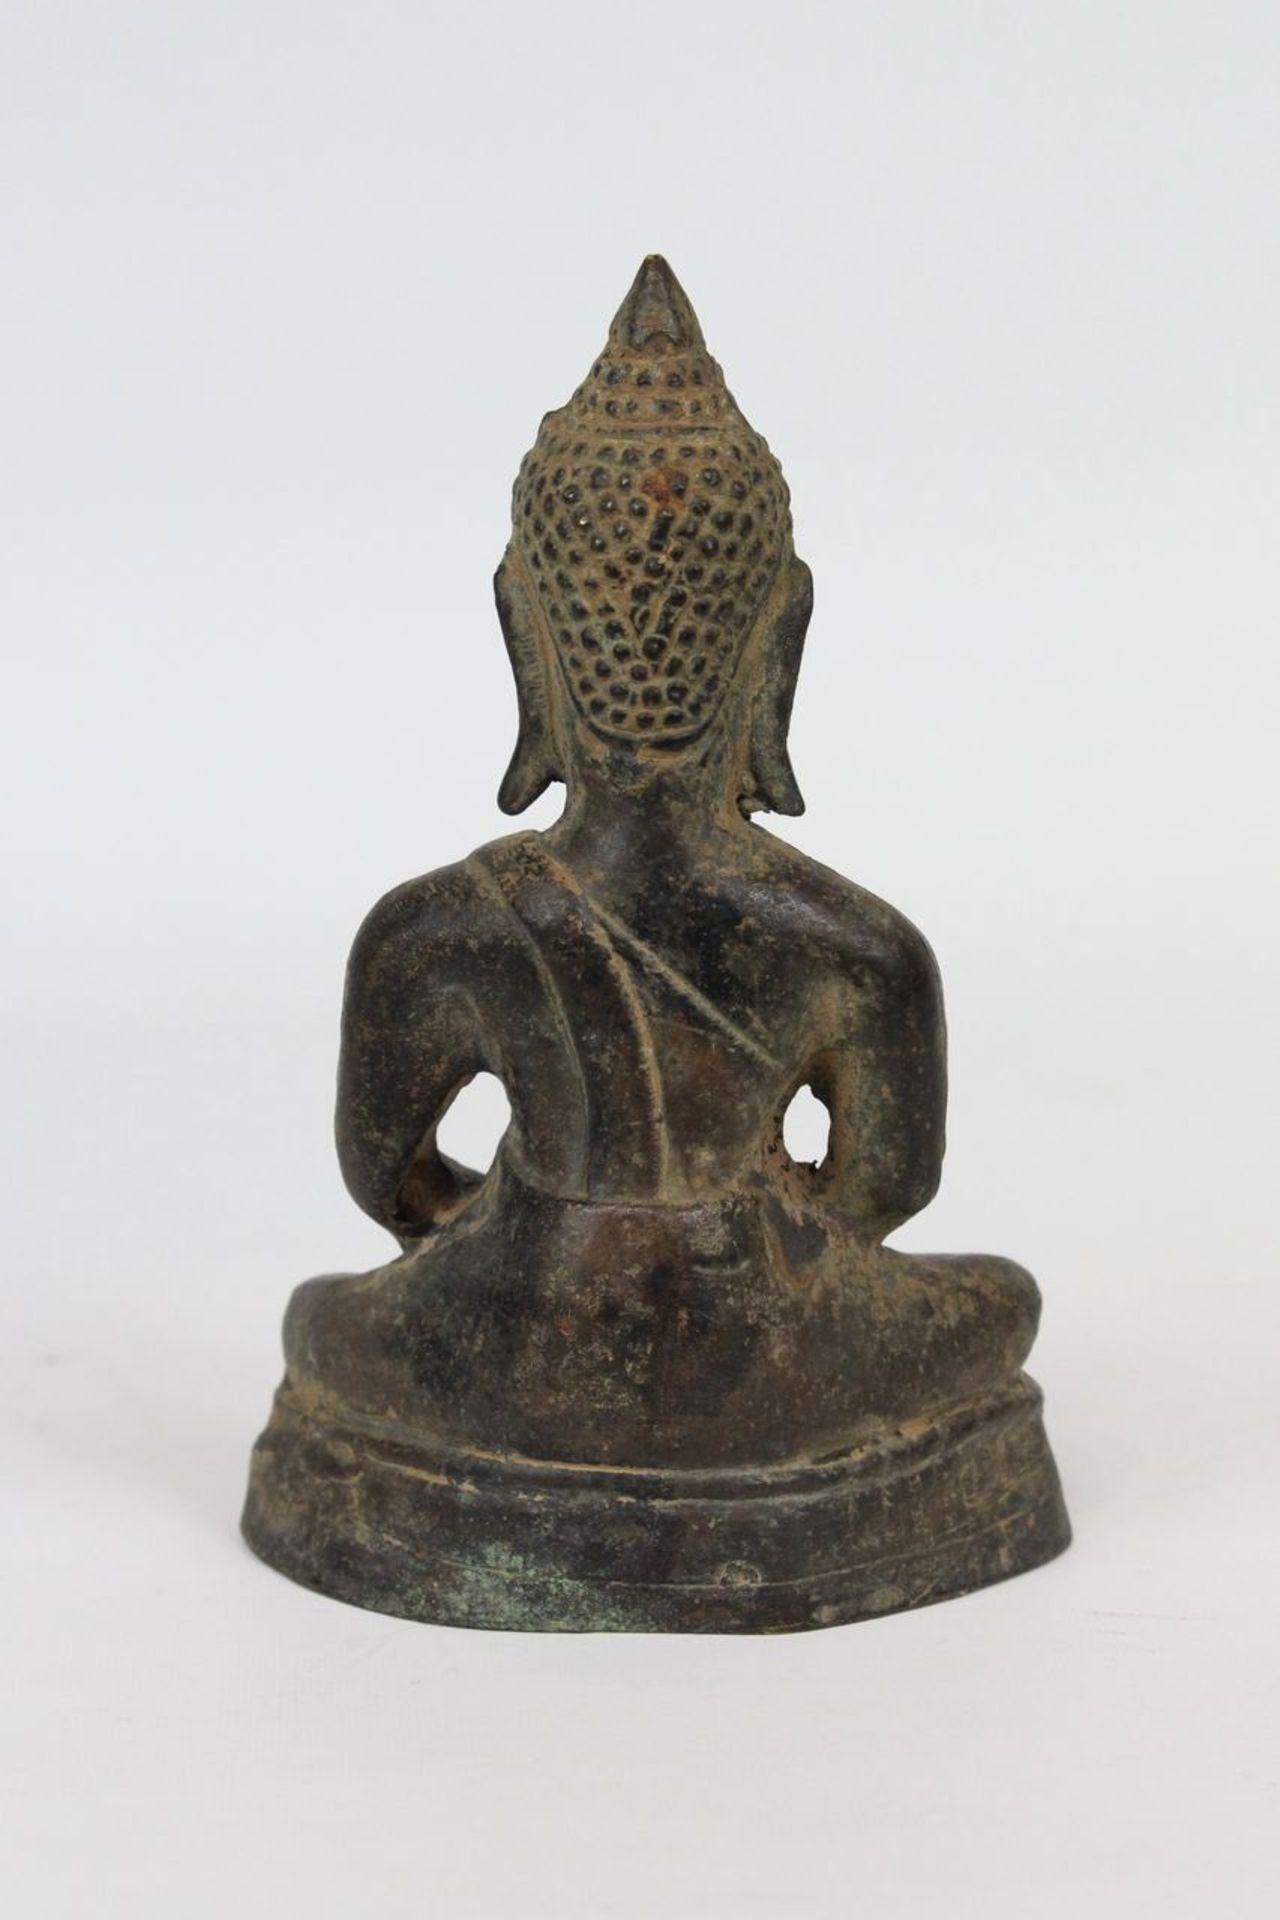 Sinotibetischer Bronze Boddhisatva - Image 4 of 5